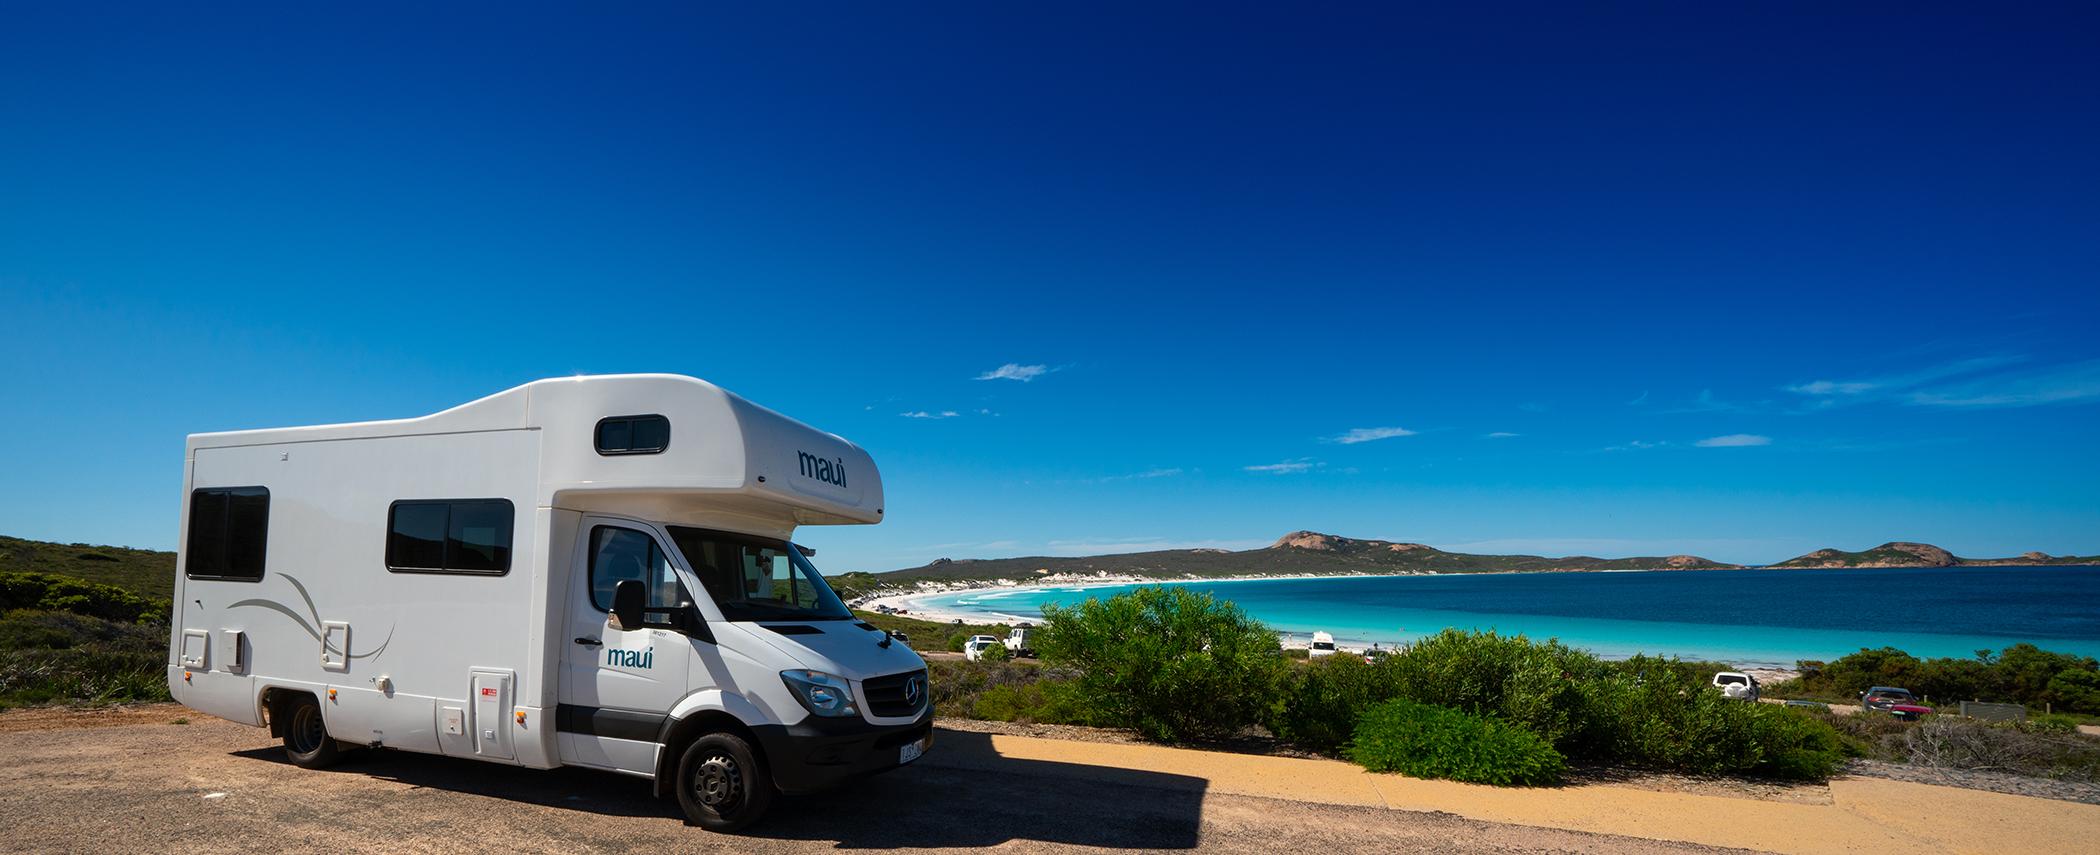 Rondreis door Australië maken met de camper